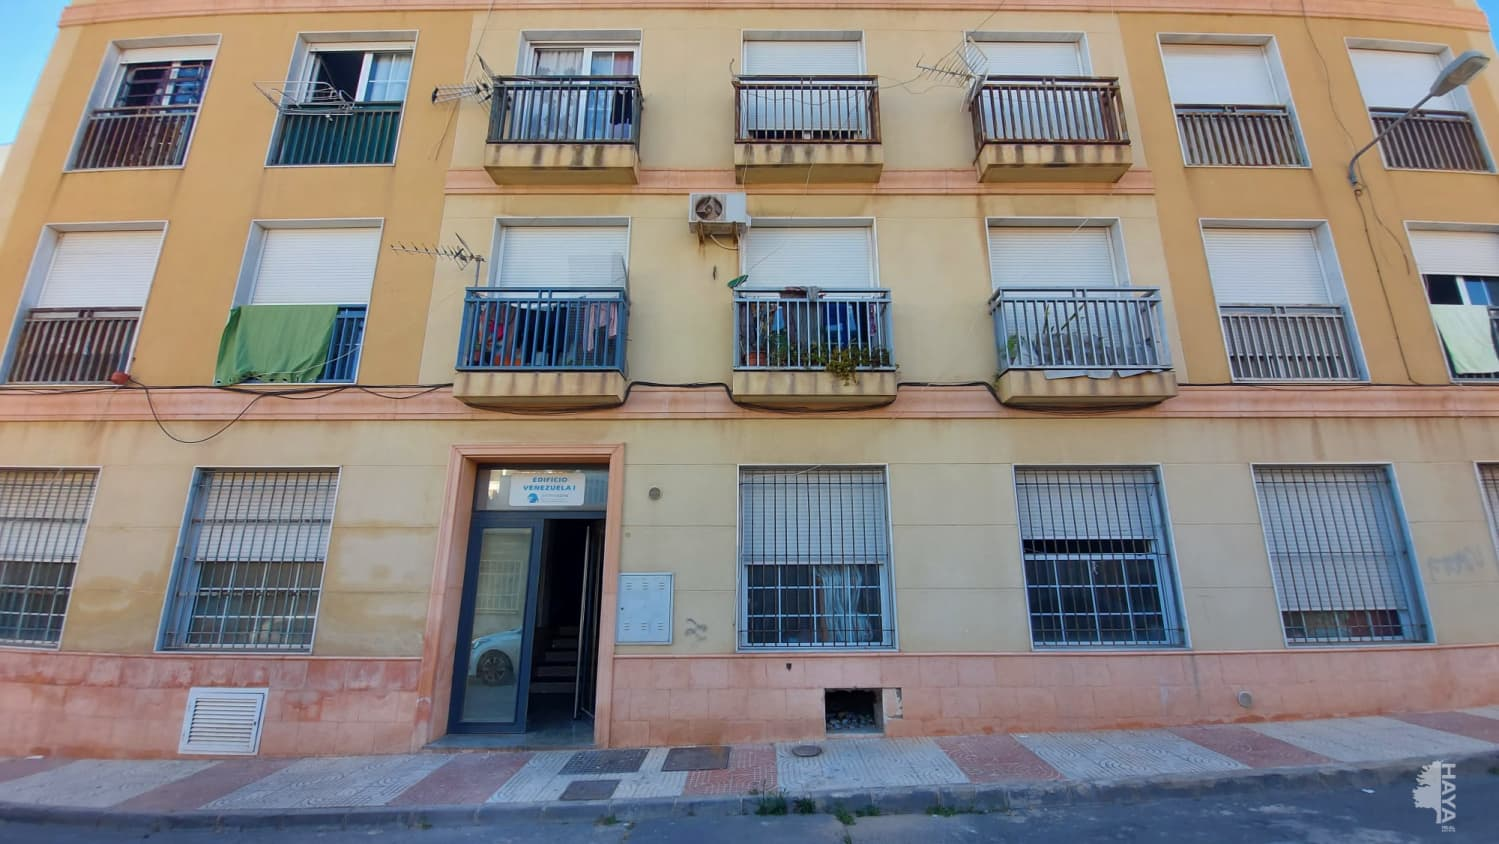 Piso en venta en Los Depósitos, Roquetas de Mar, Almería, Calle Alhama Almeria (r), B, 71.000 €, 3 habitaciones, 2 baños, 99 m2